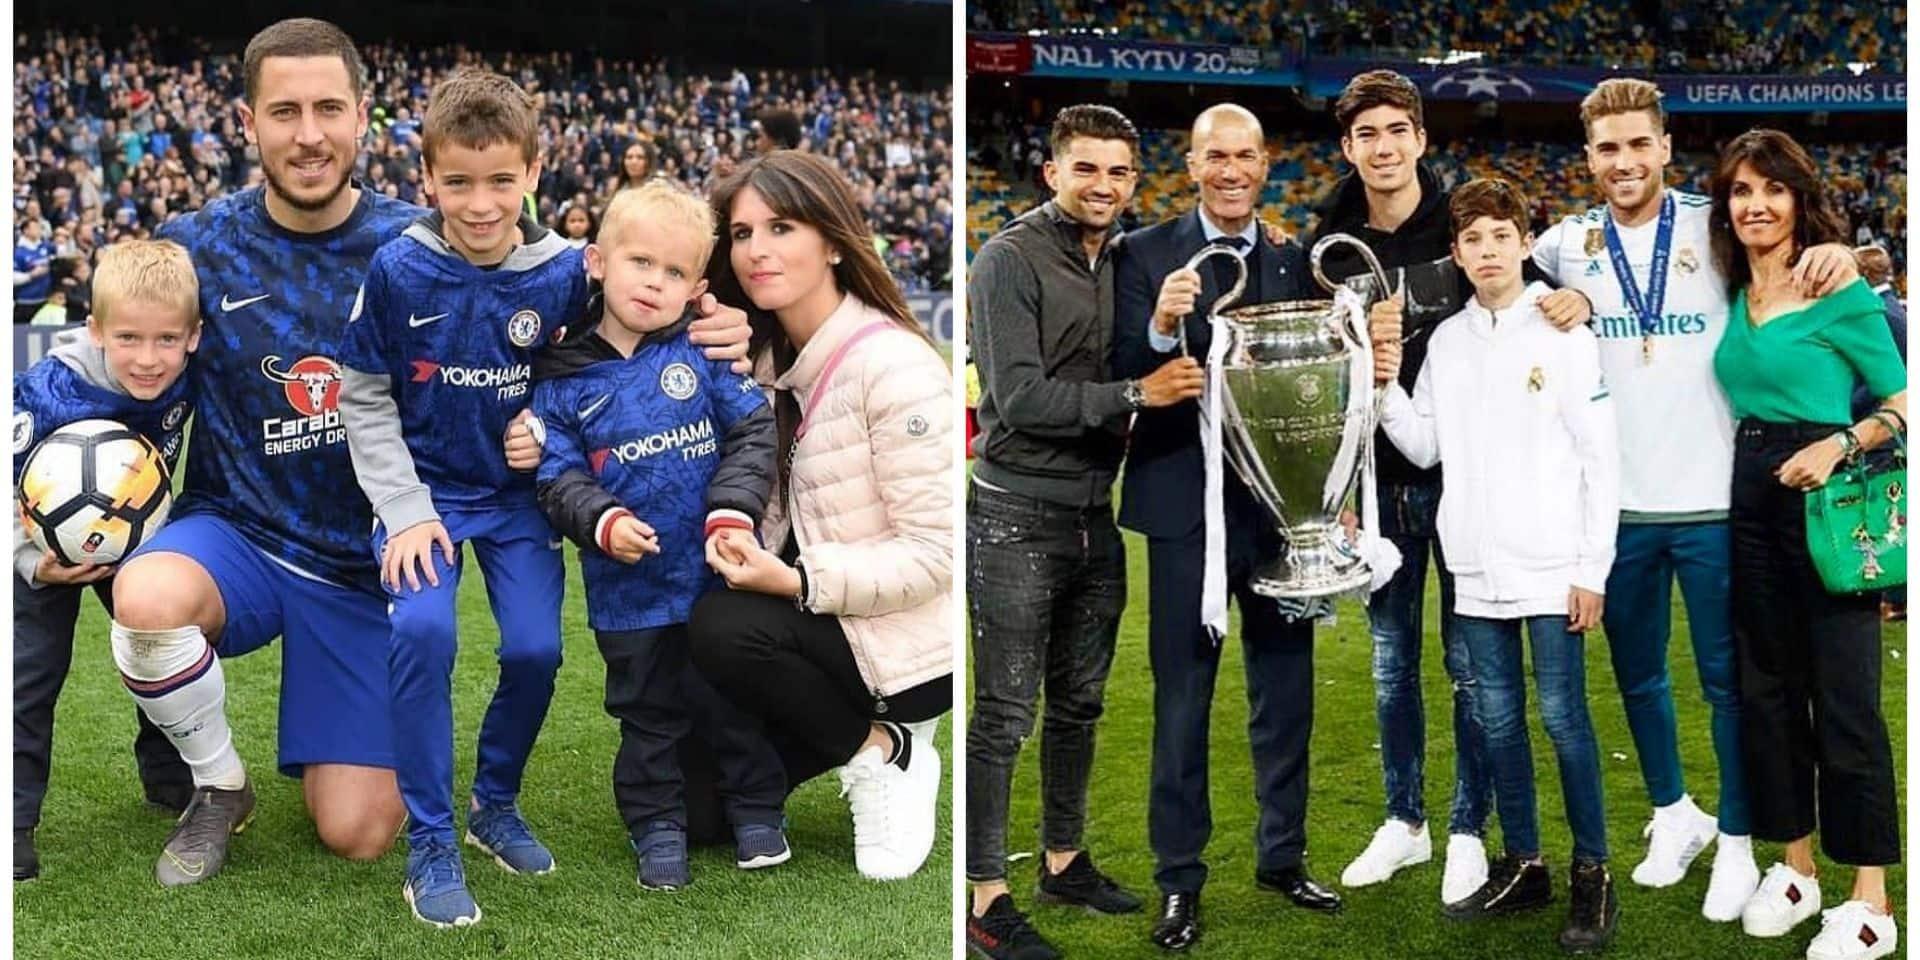 La troublante ressemblance familiale entre Eden Hazard et Zinédine Zidane